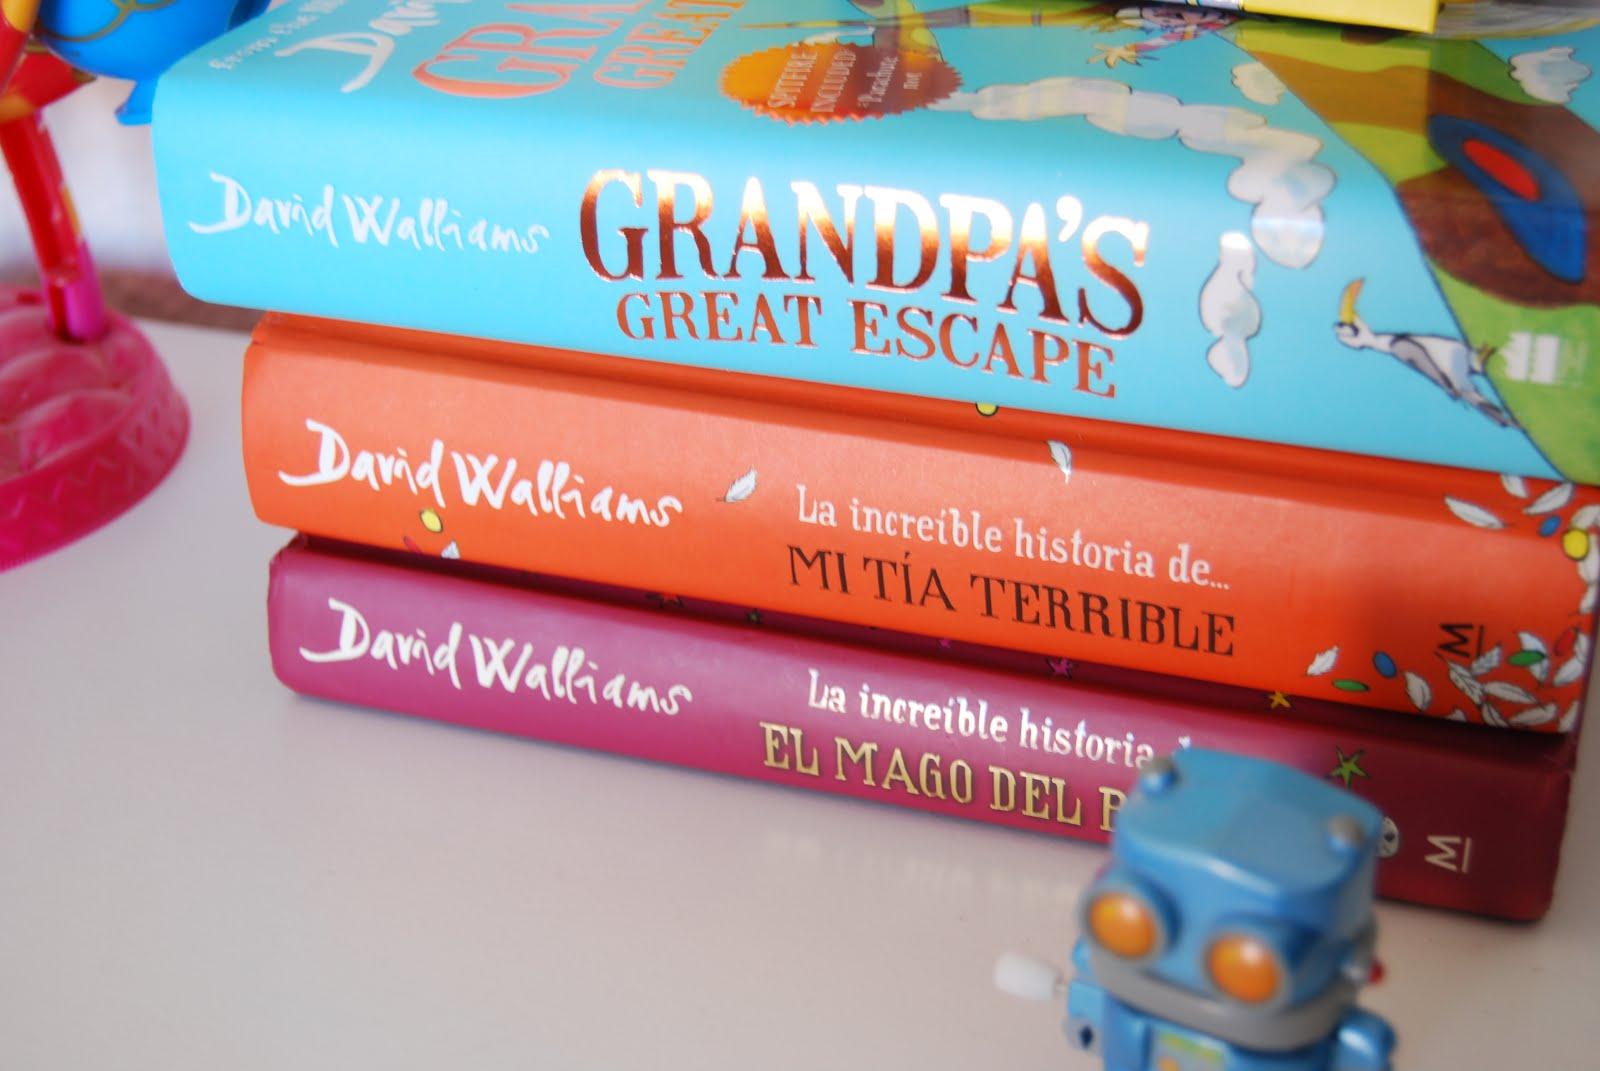 """Las increíbles historias de David Walliams. Todos sus libros empiezan con """" La increíble historia ..."""